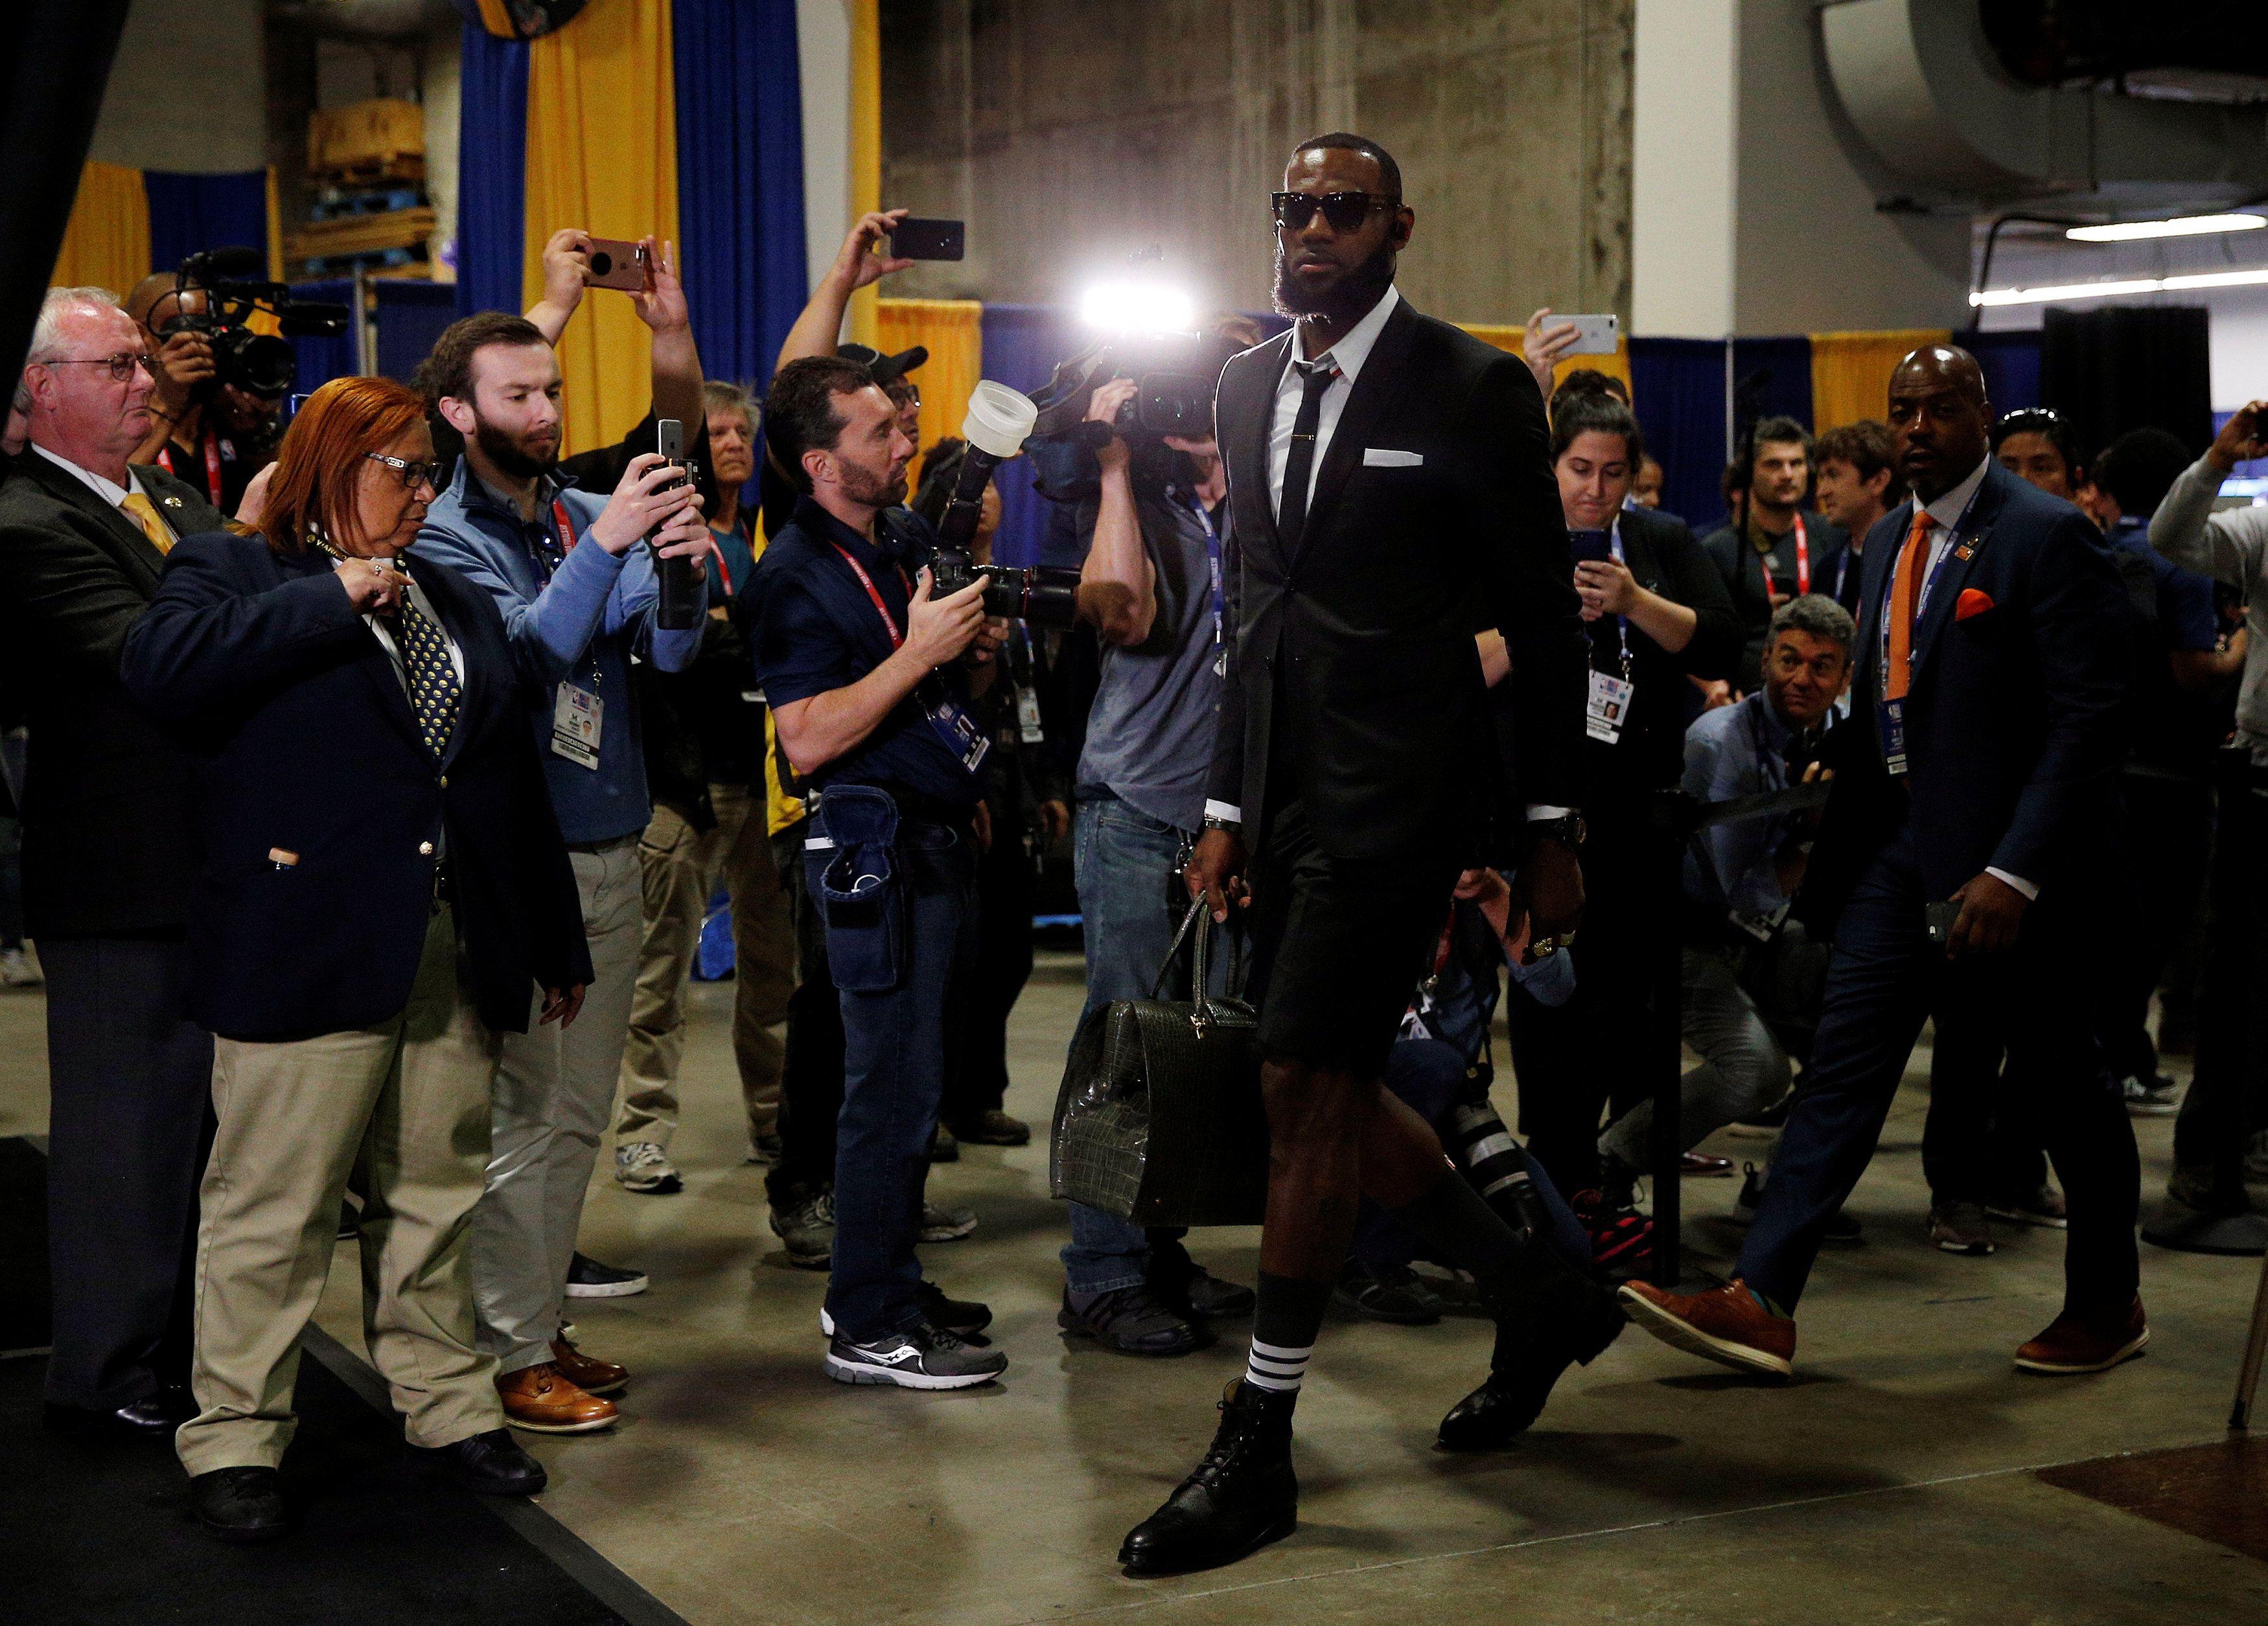 Koliko si cool od 1 do LeBron James? Pa njemu kratke hlače na odijelo i različite čarape stoje savršeno!